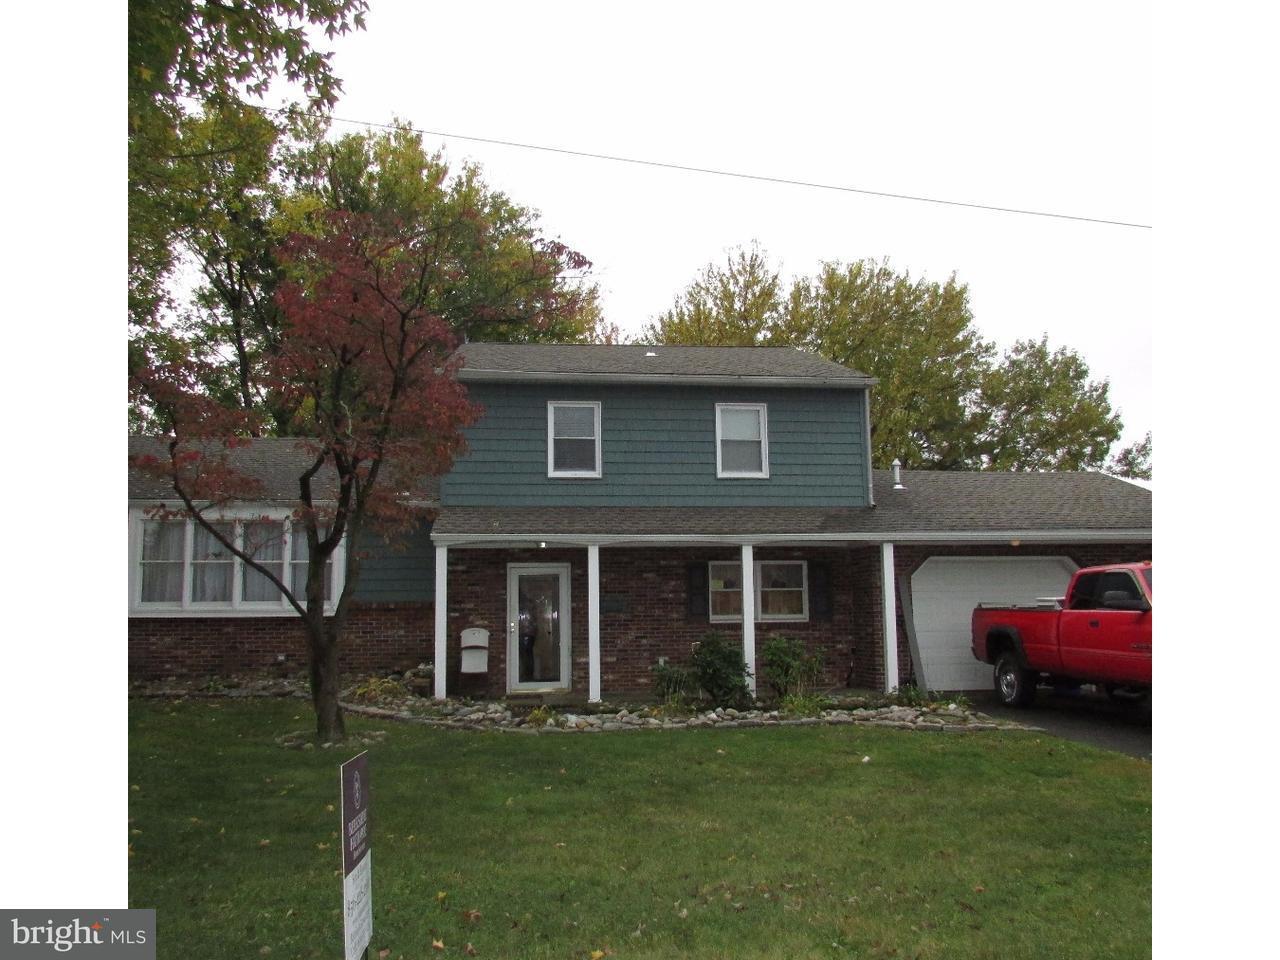 独户住宅 为 销售 在 110 TIMBER BLVD Brooklawn, 新泽西州 08030 美国